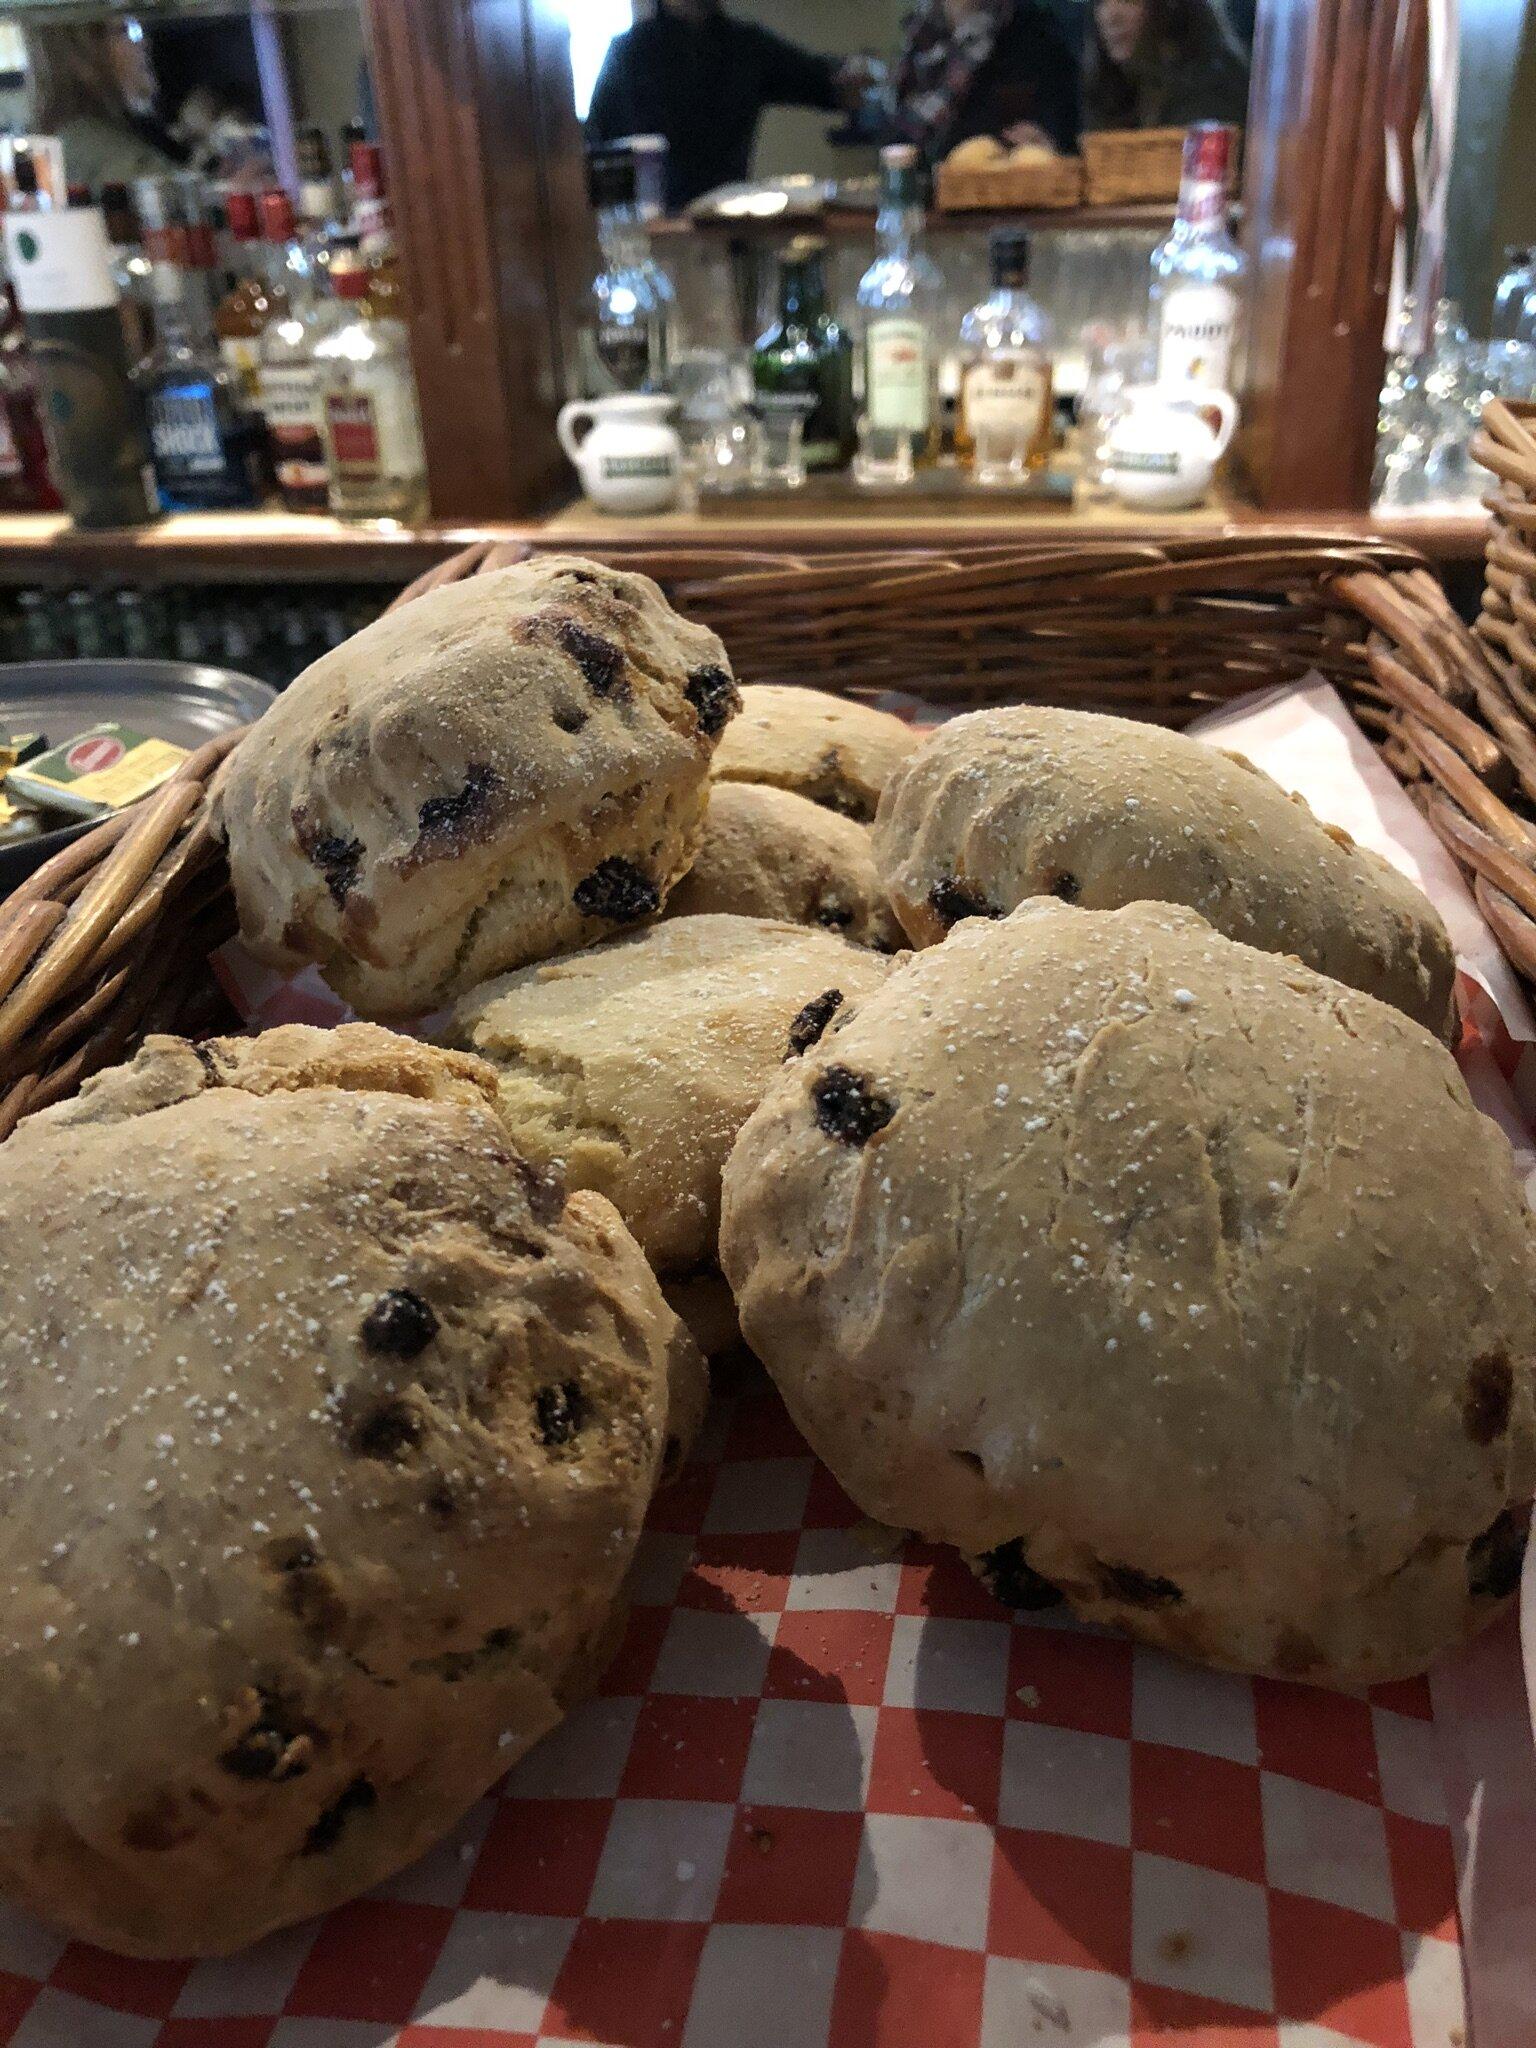 The scones at Keogh's were delish!